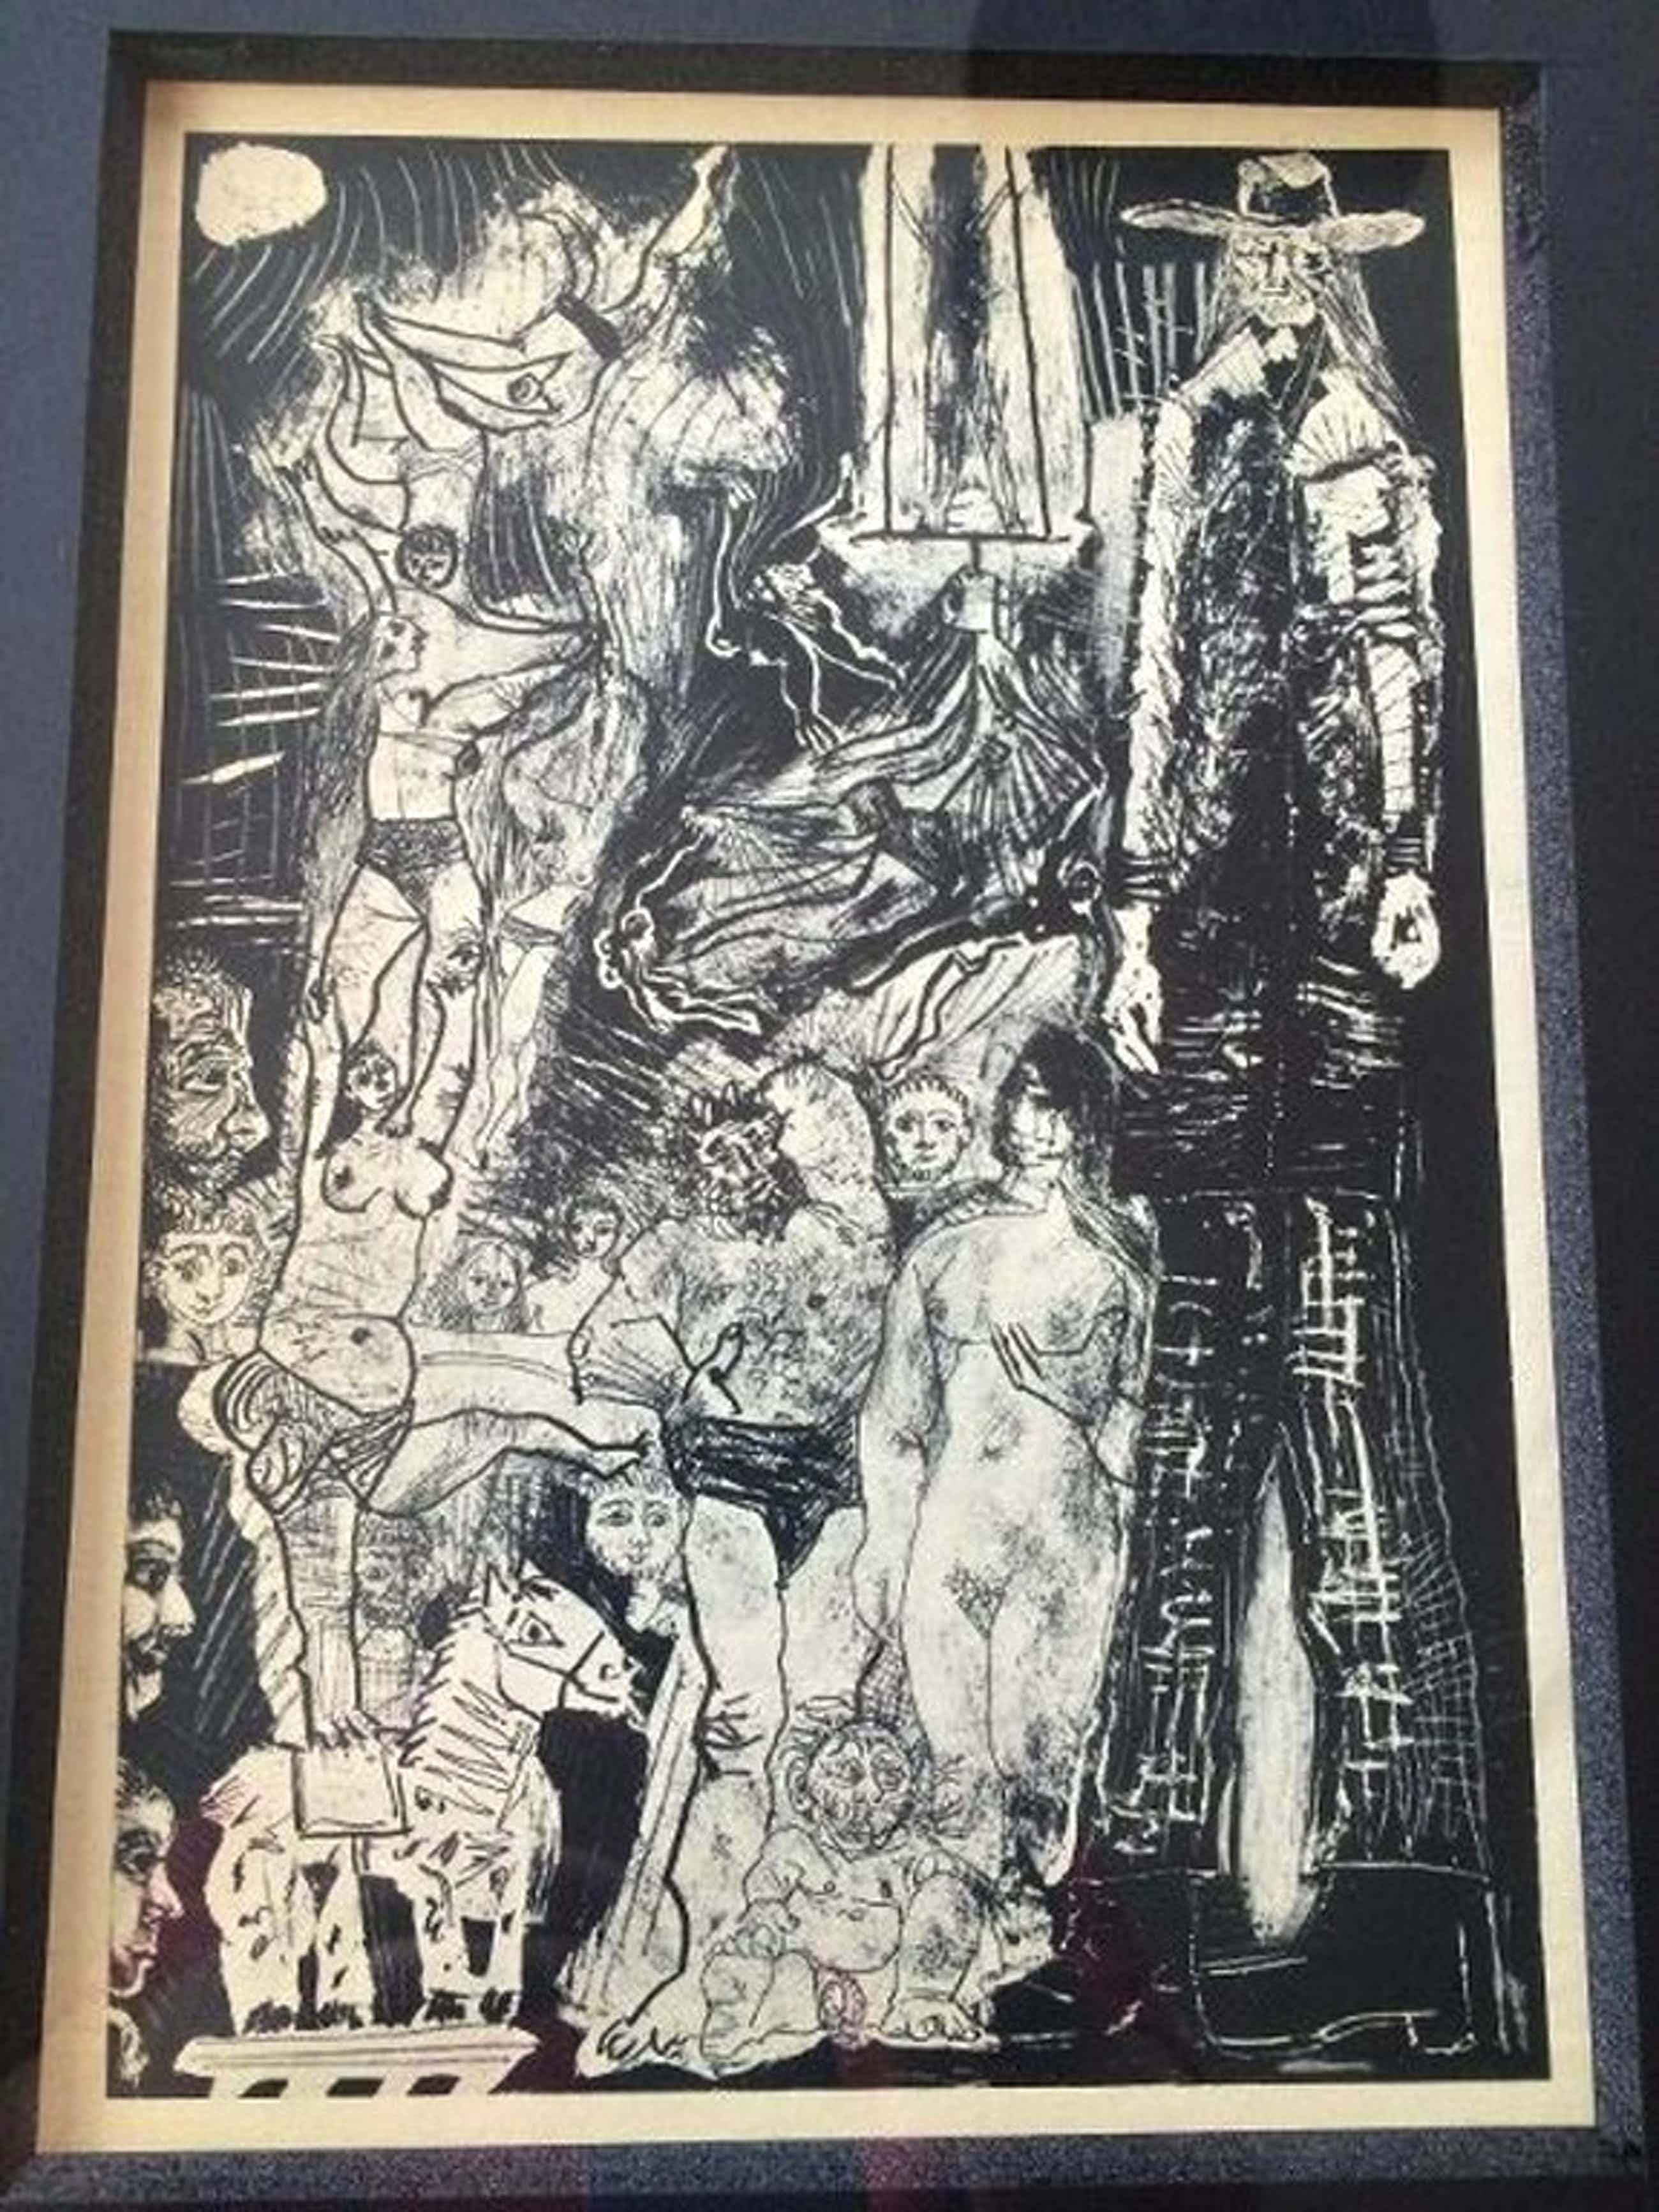 Picasso erotic / gravure  kopen? Bied vanaf 56!